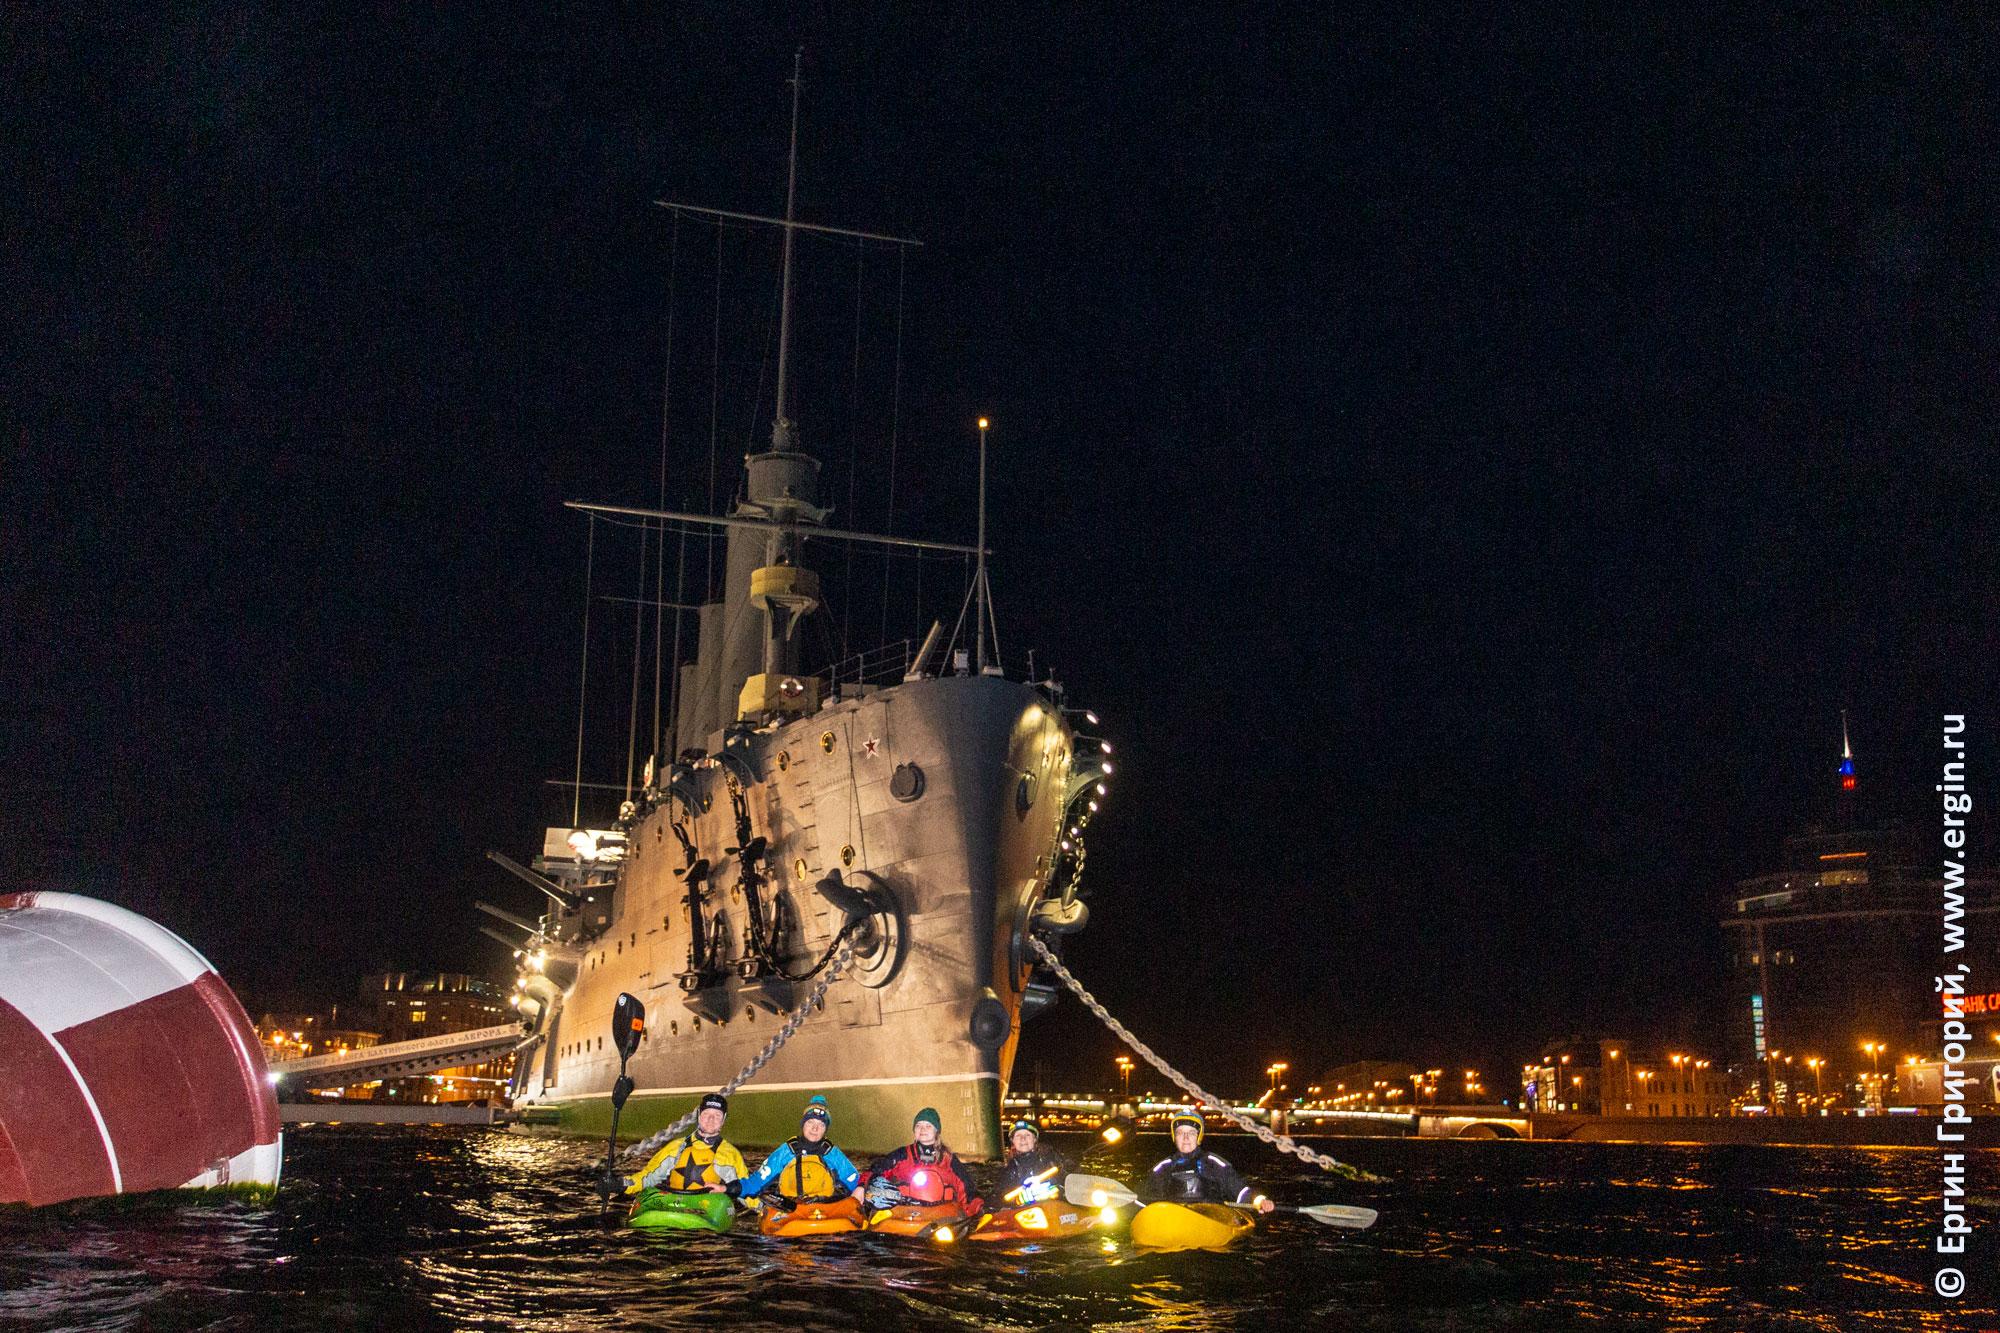 Аврора ночью в Санкт-Петербурге и каякеры у крейсера